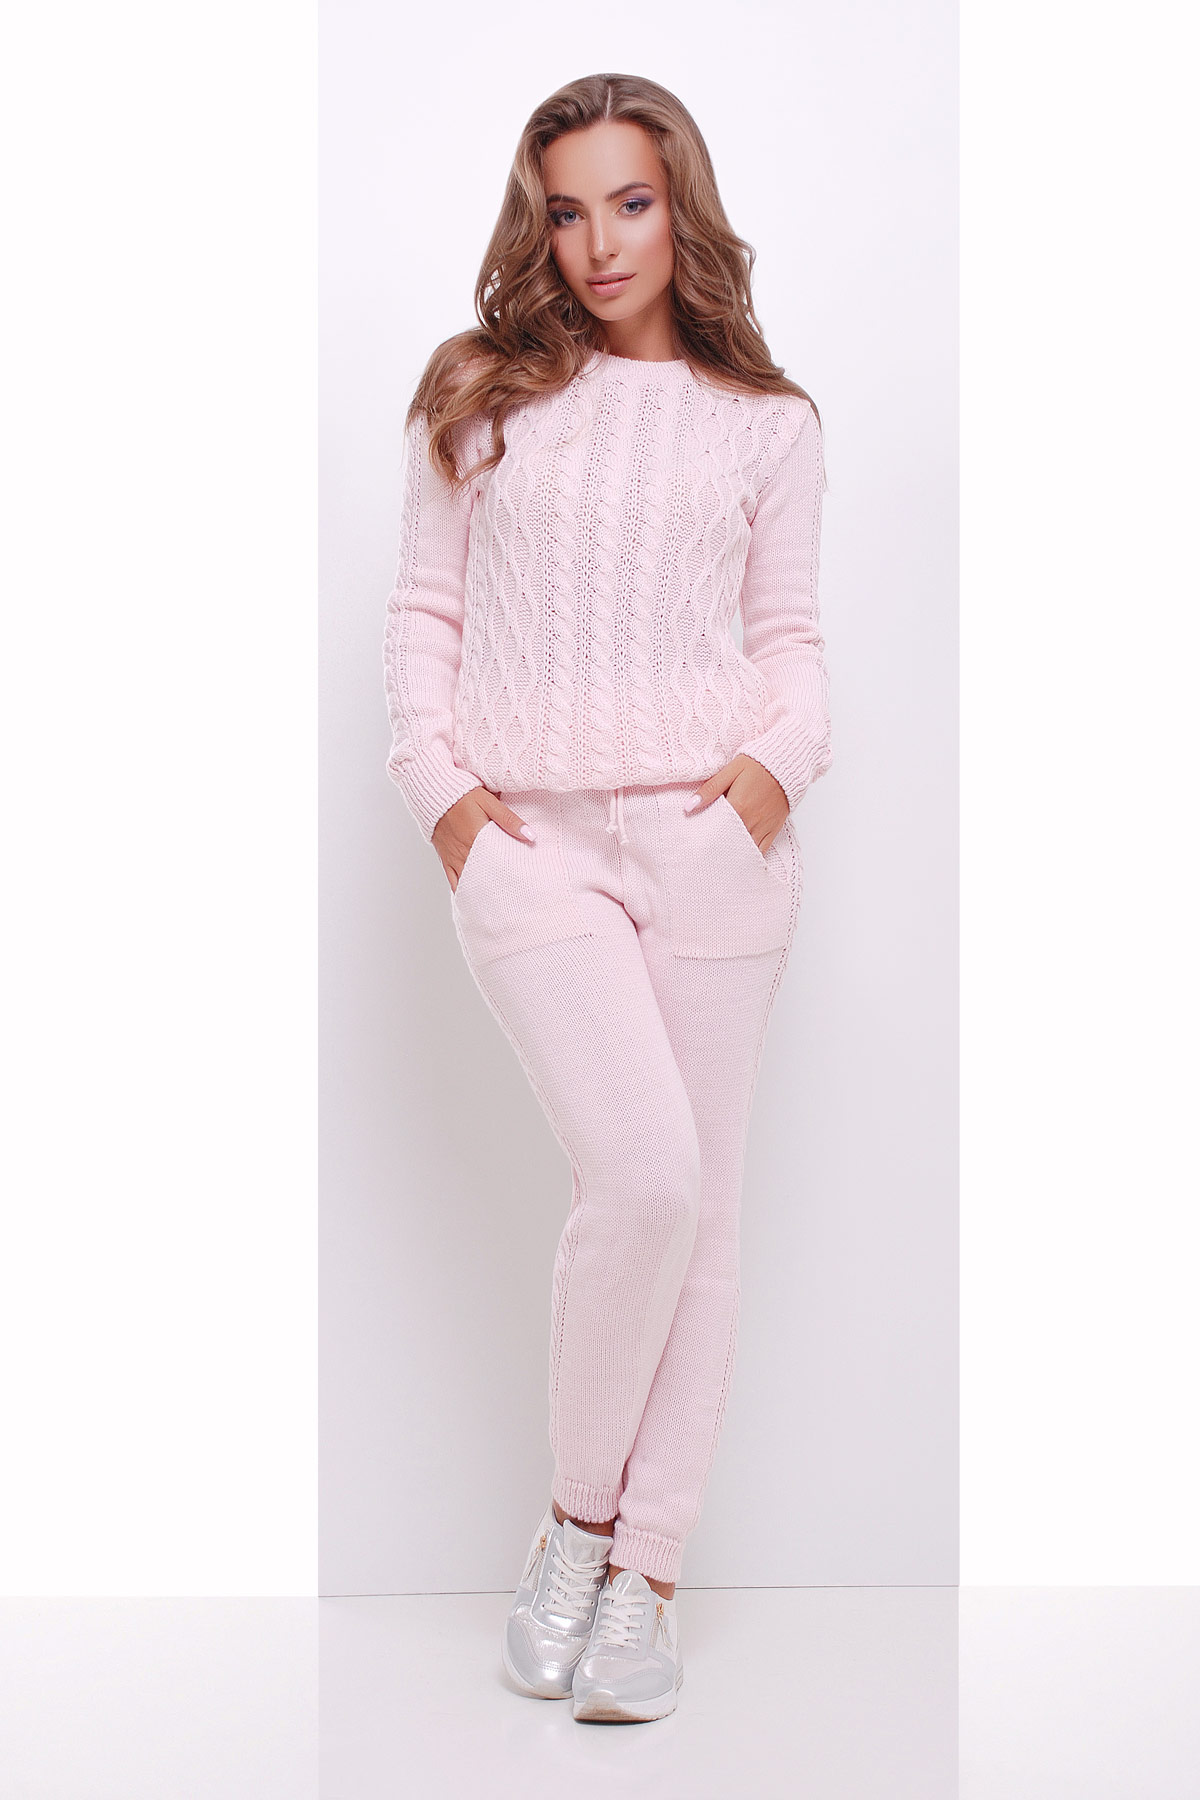 вязаный розовый костюм 140 купить в украине